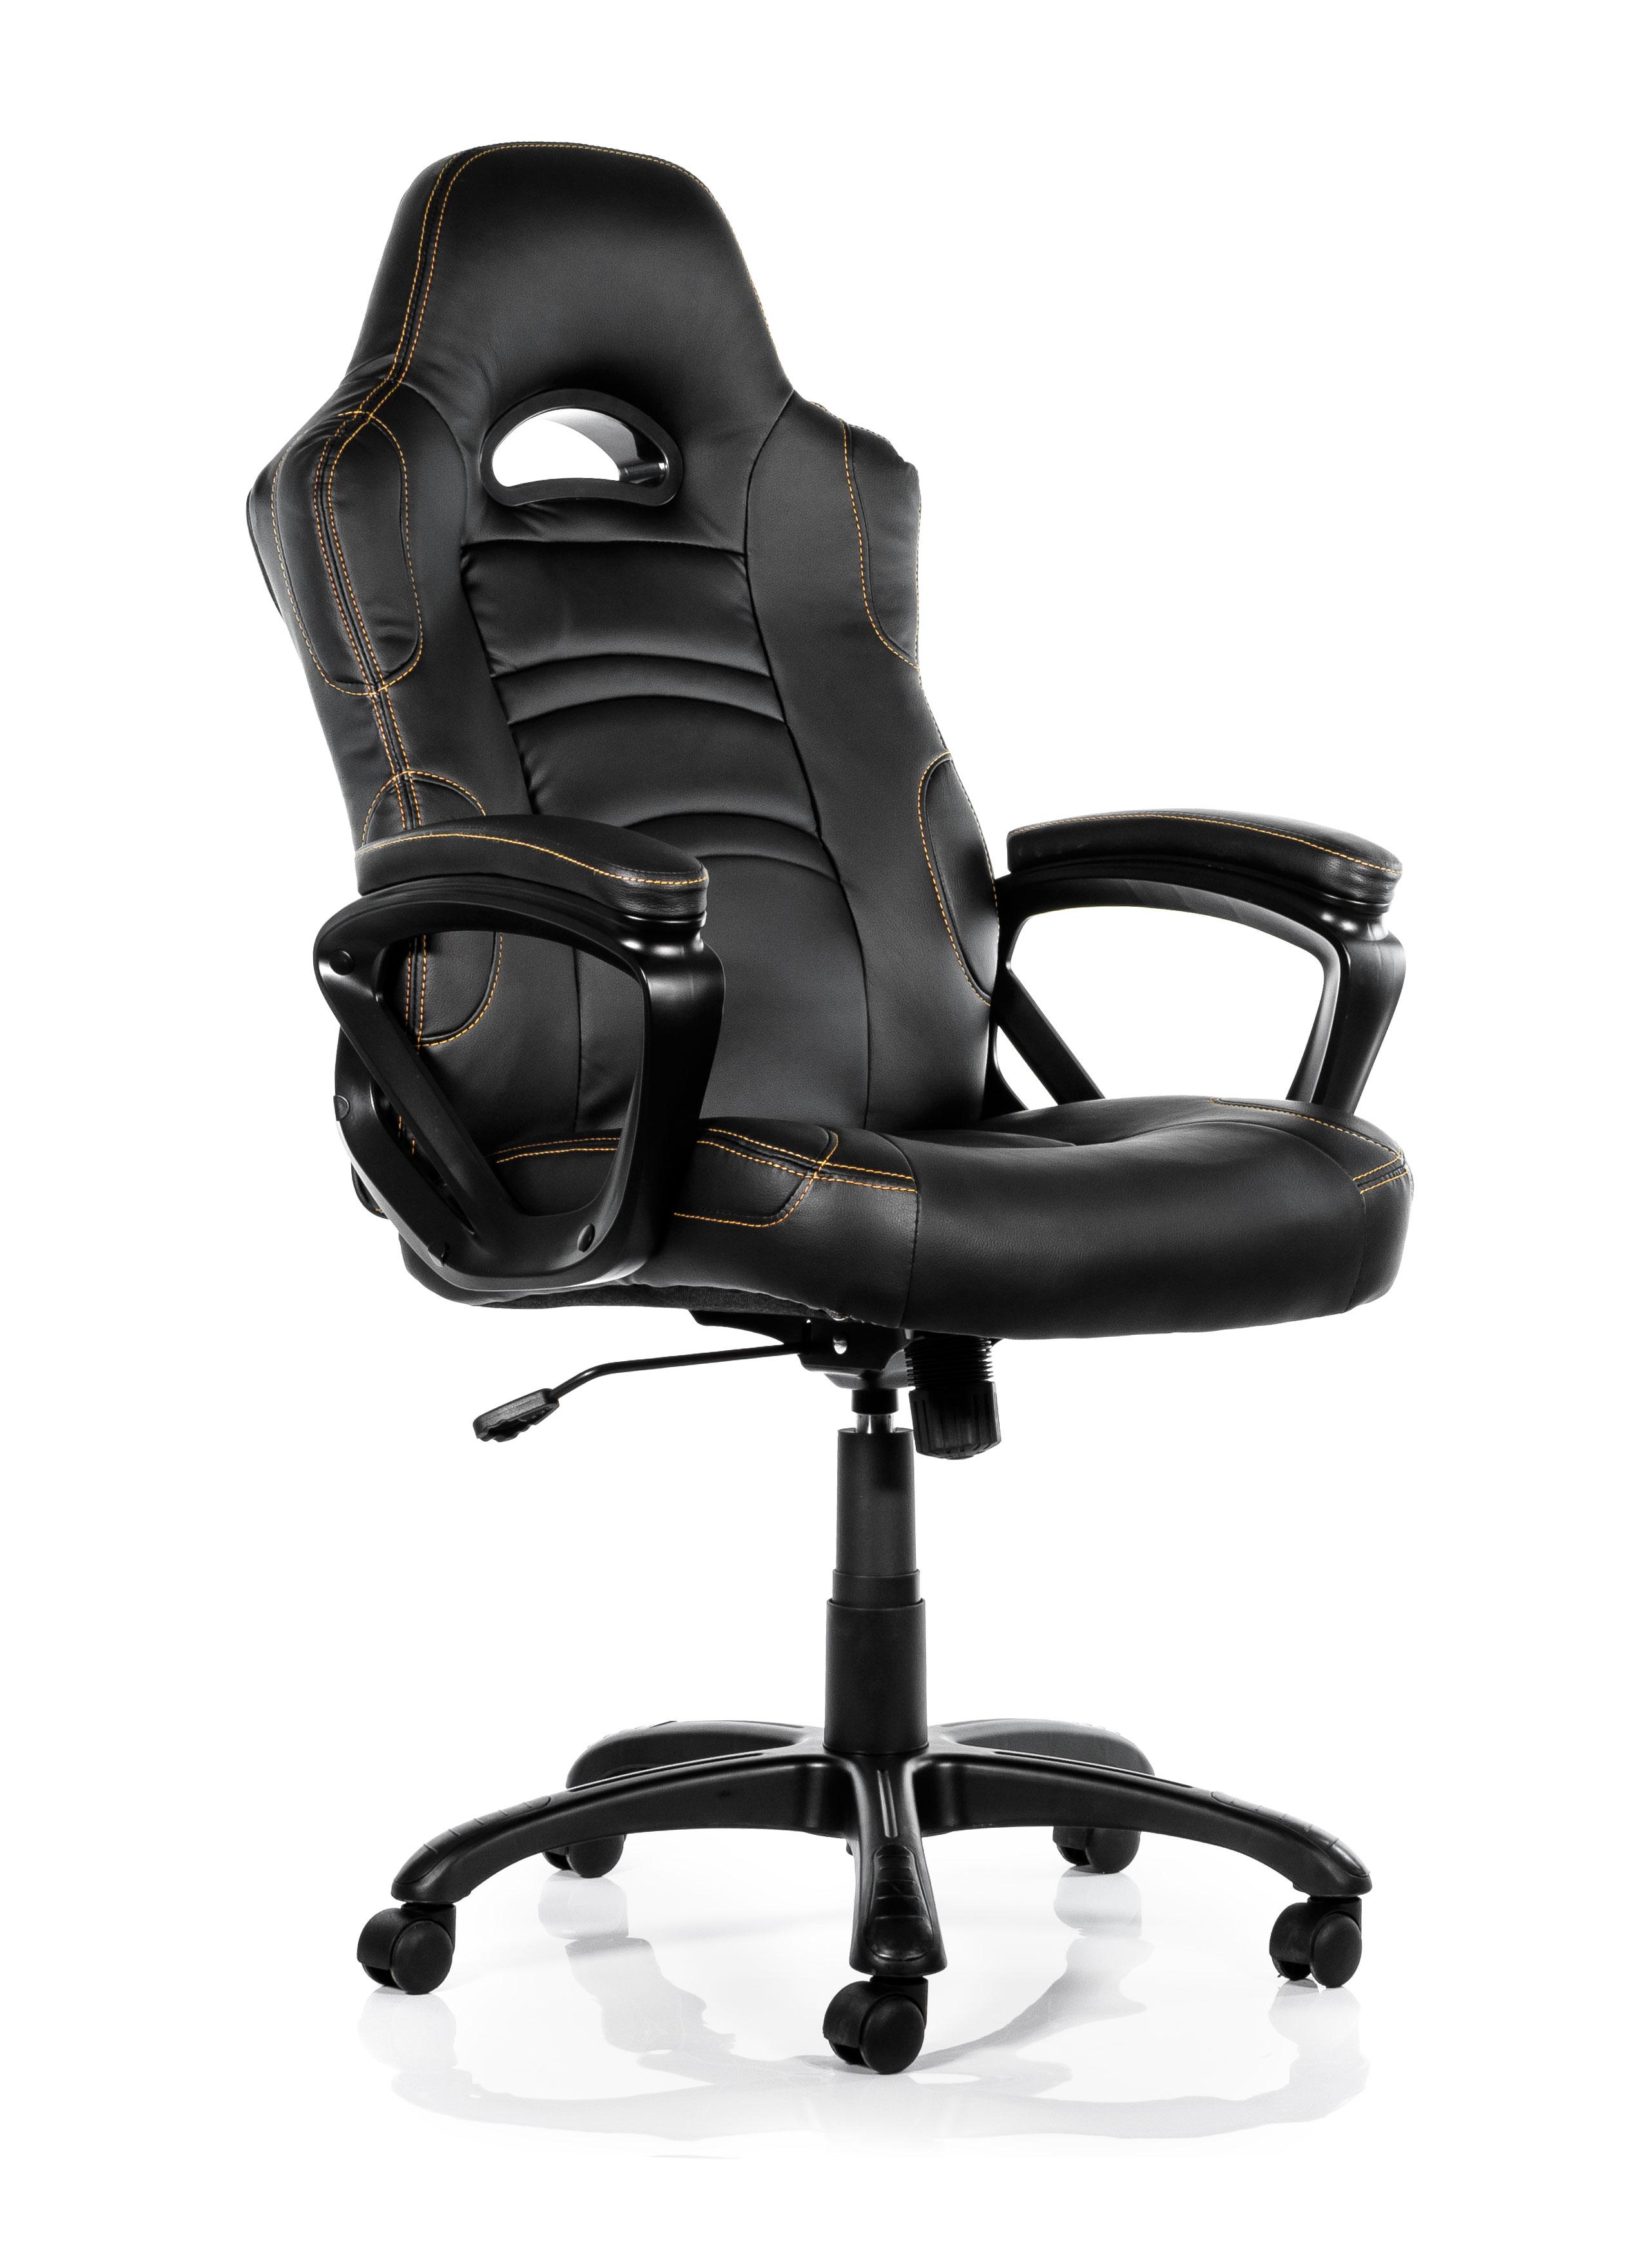 Fotel do komputera do 600